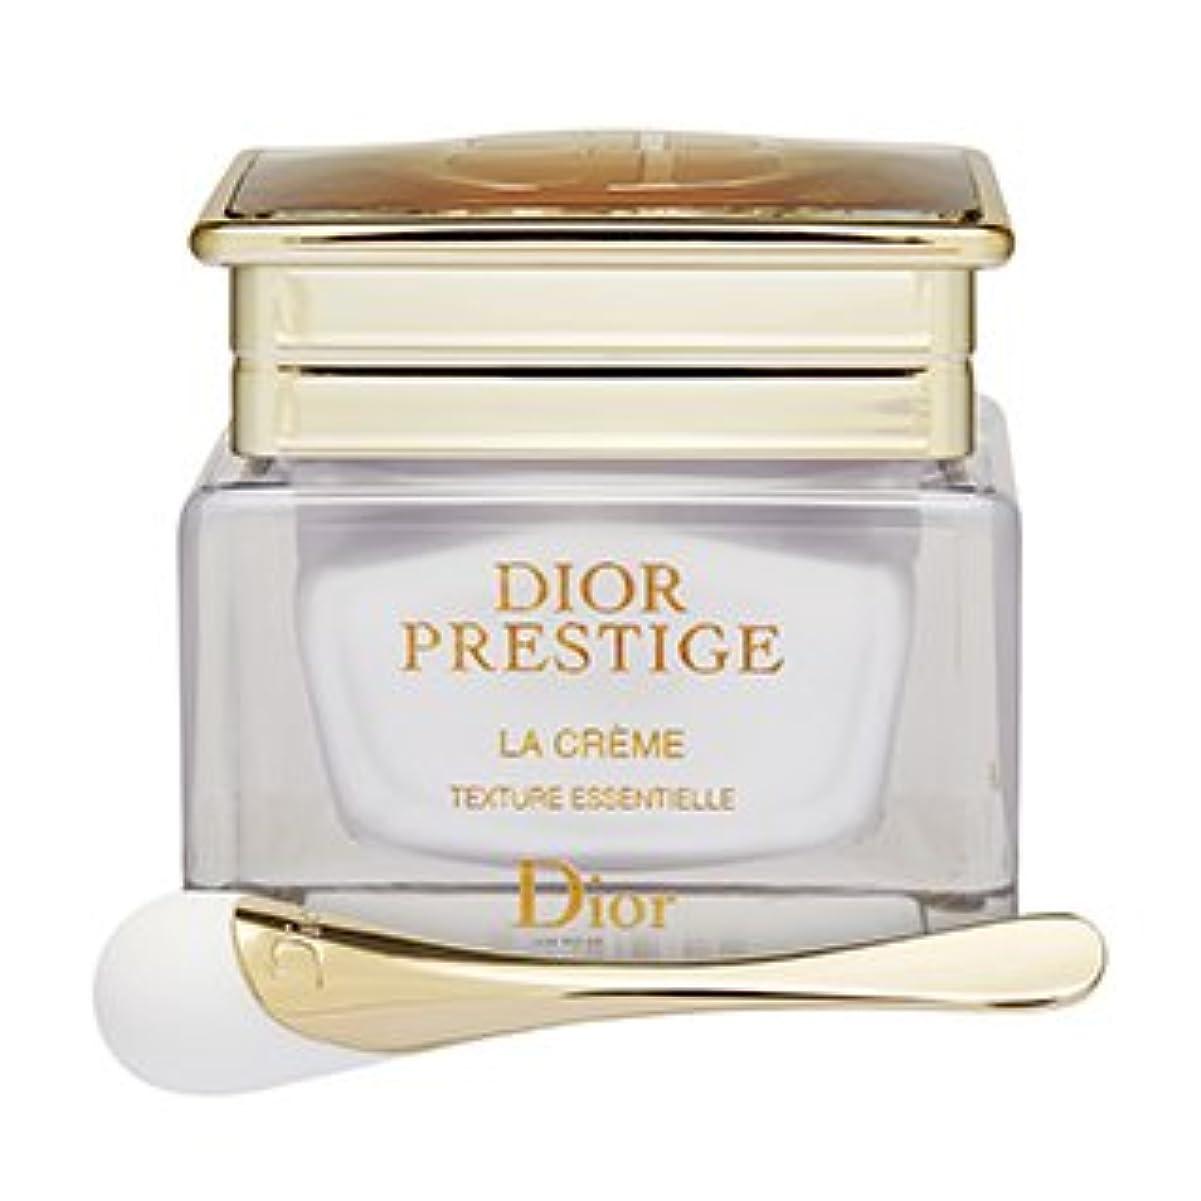 バケツ深める危険なディオール(Dior) プレステージ ラ クレーム - 極上のテクスチャー [並行輸入品]